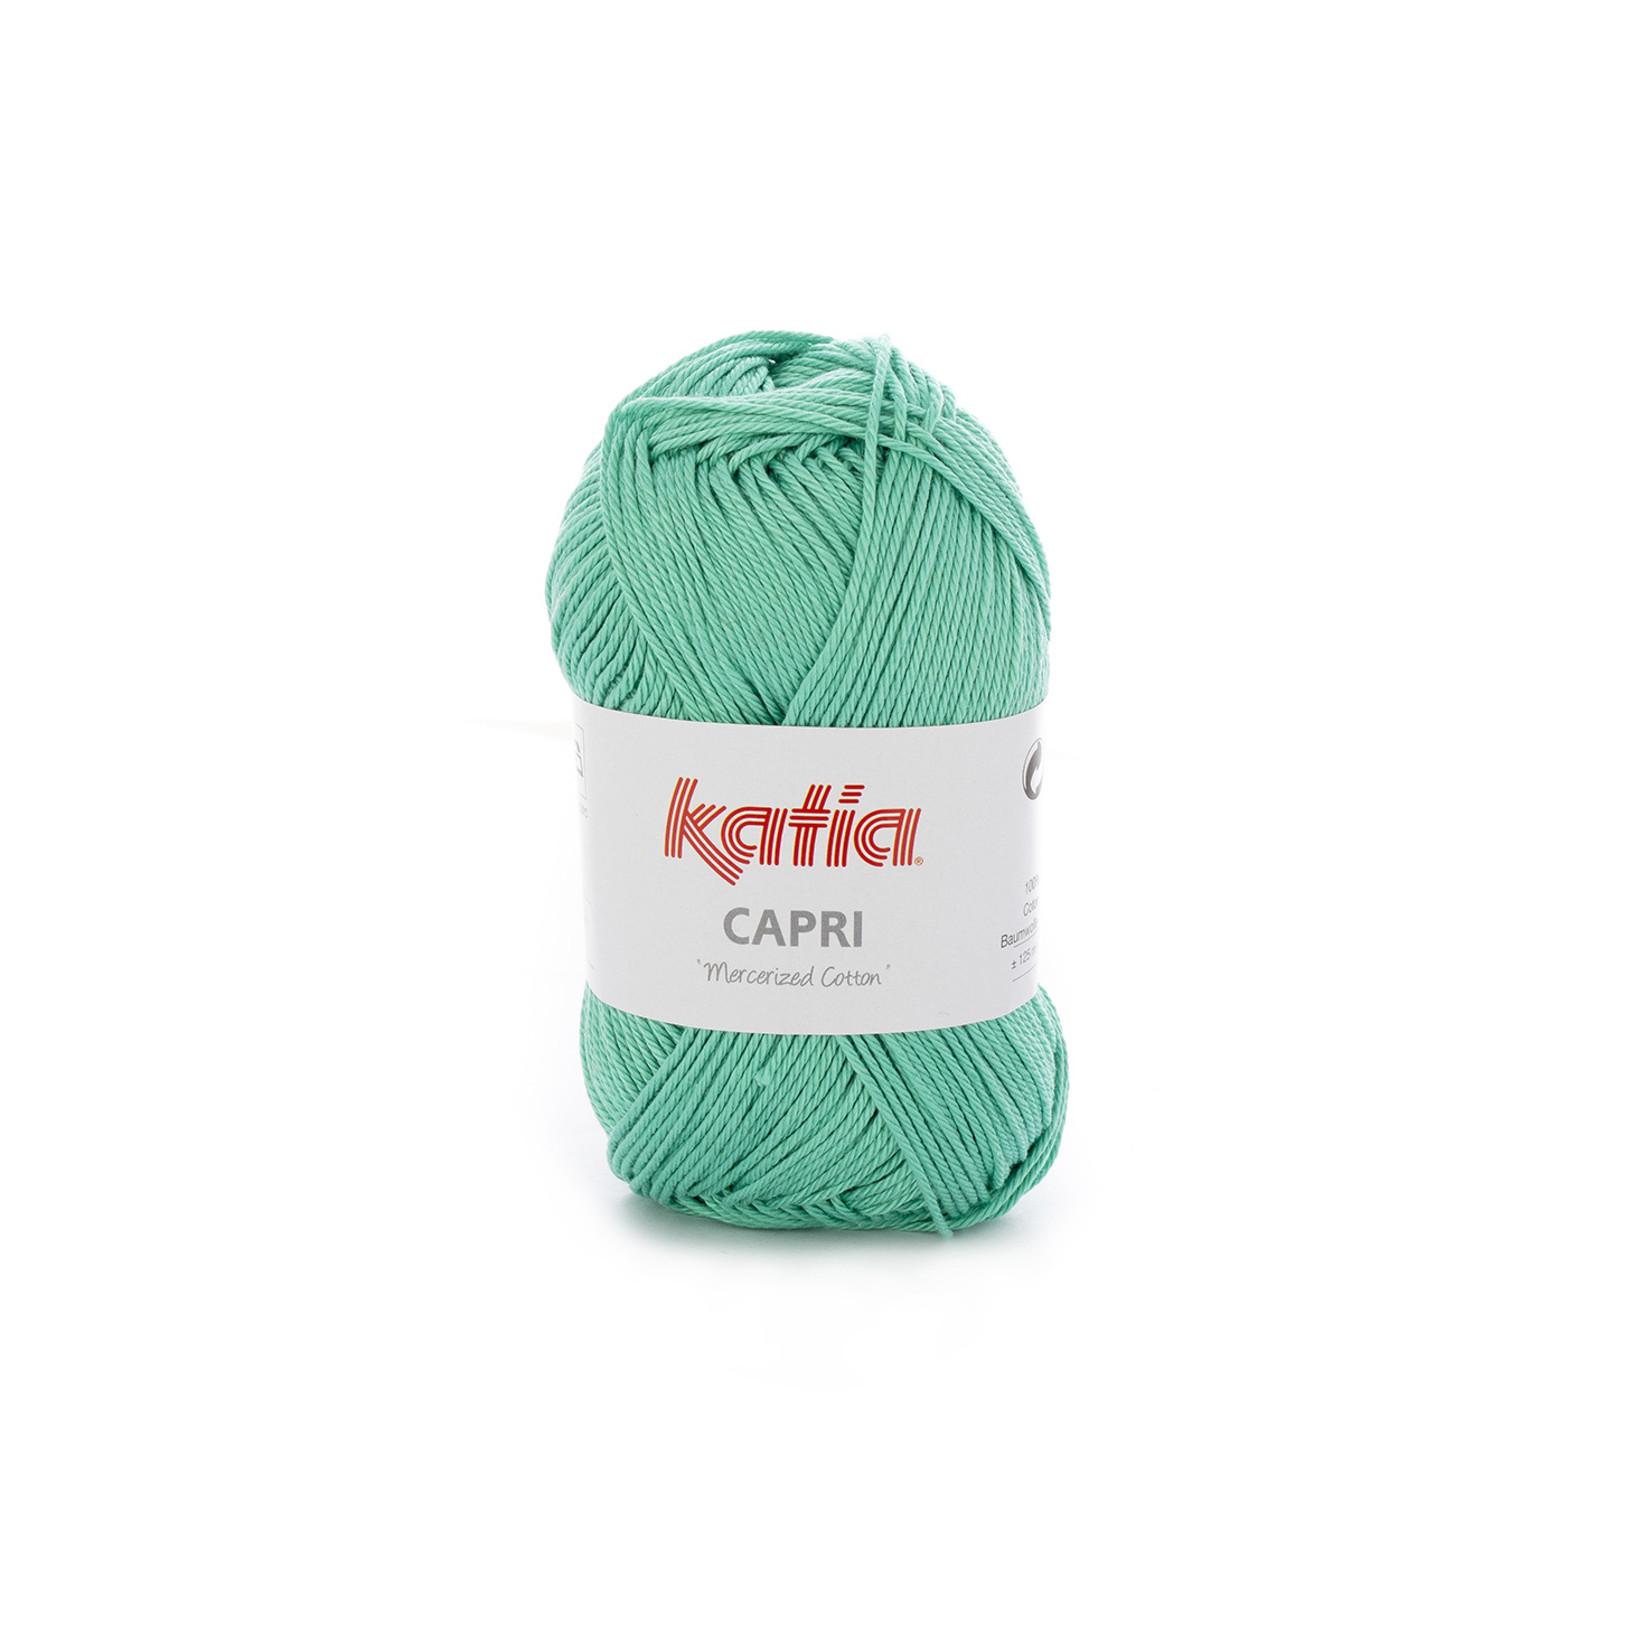 Katia Katia Capri - kleur 171 Mintgroen - 50 gr. = 125 m. - 100% katoen